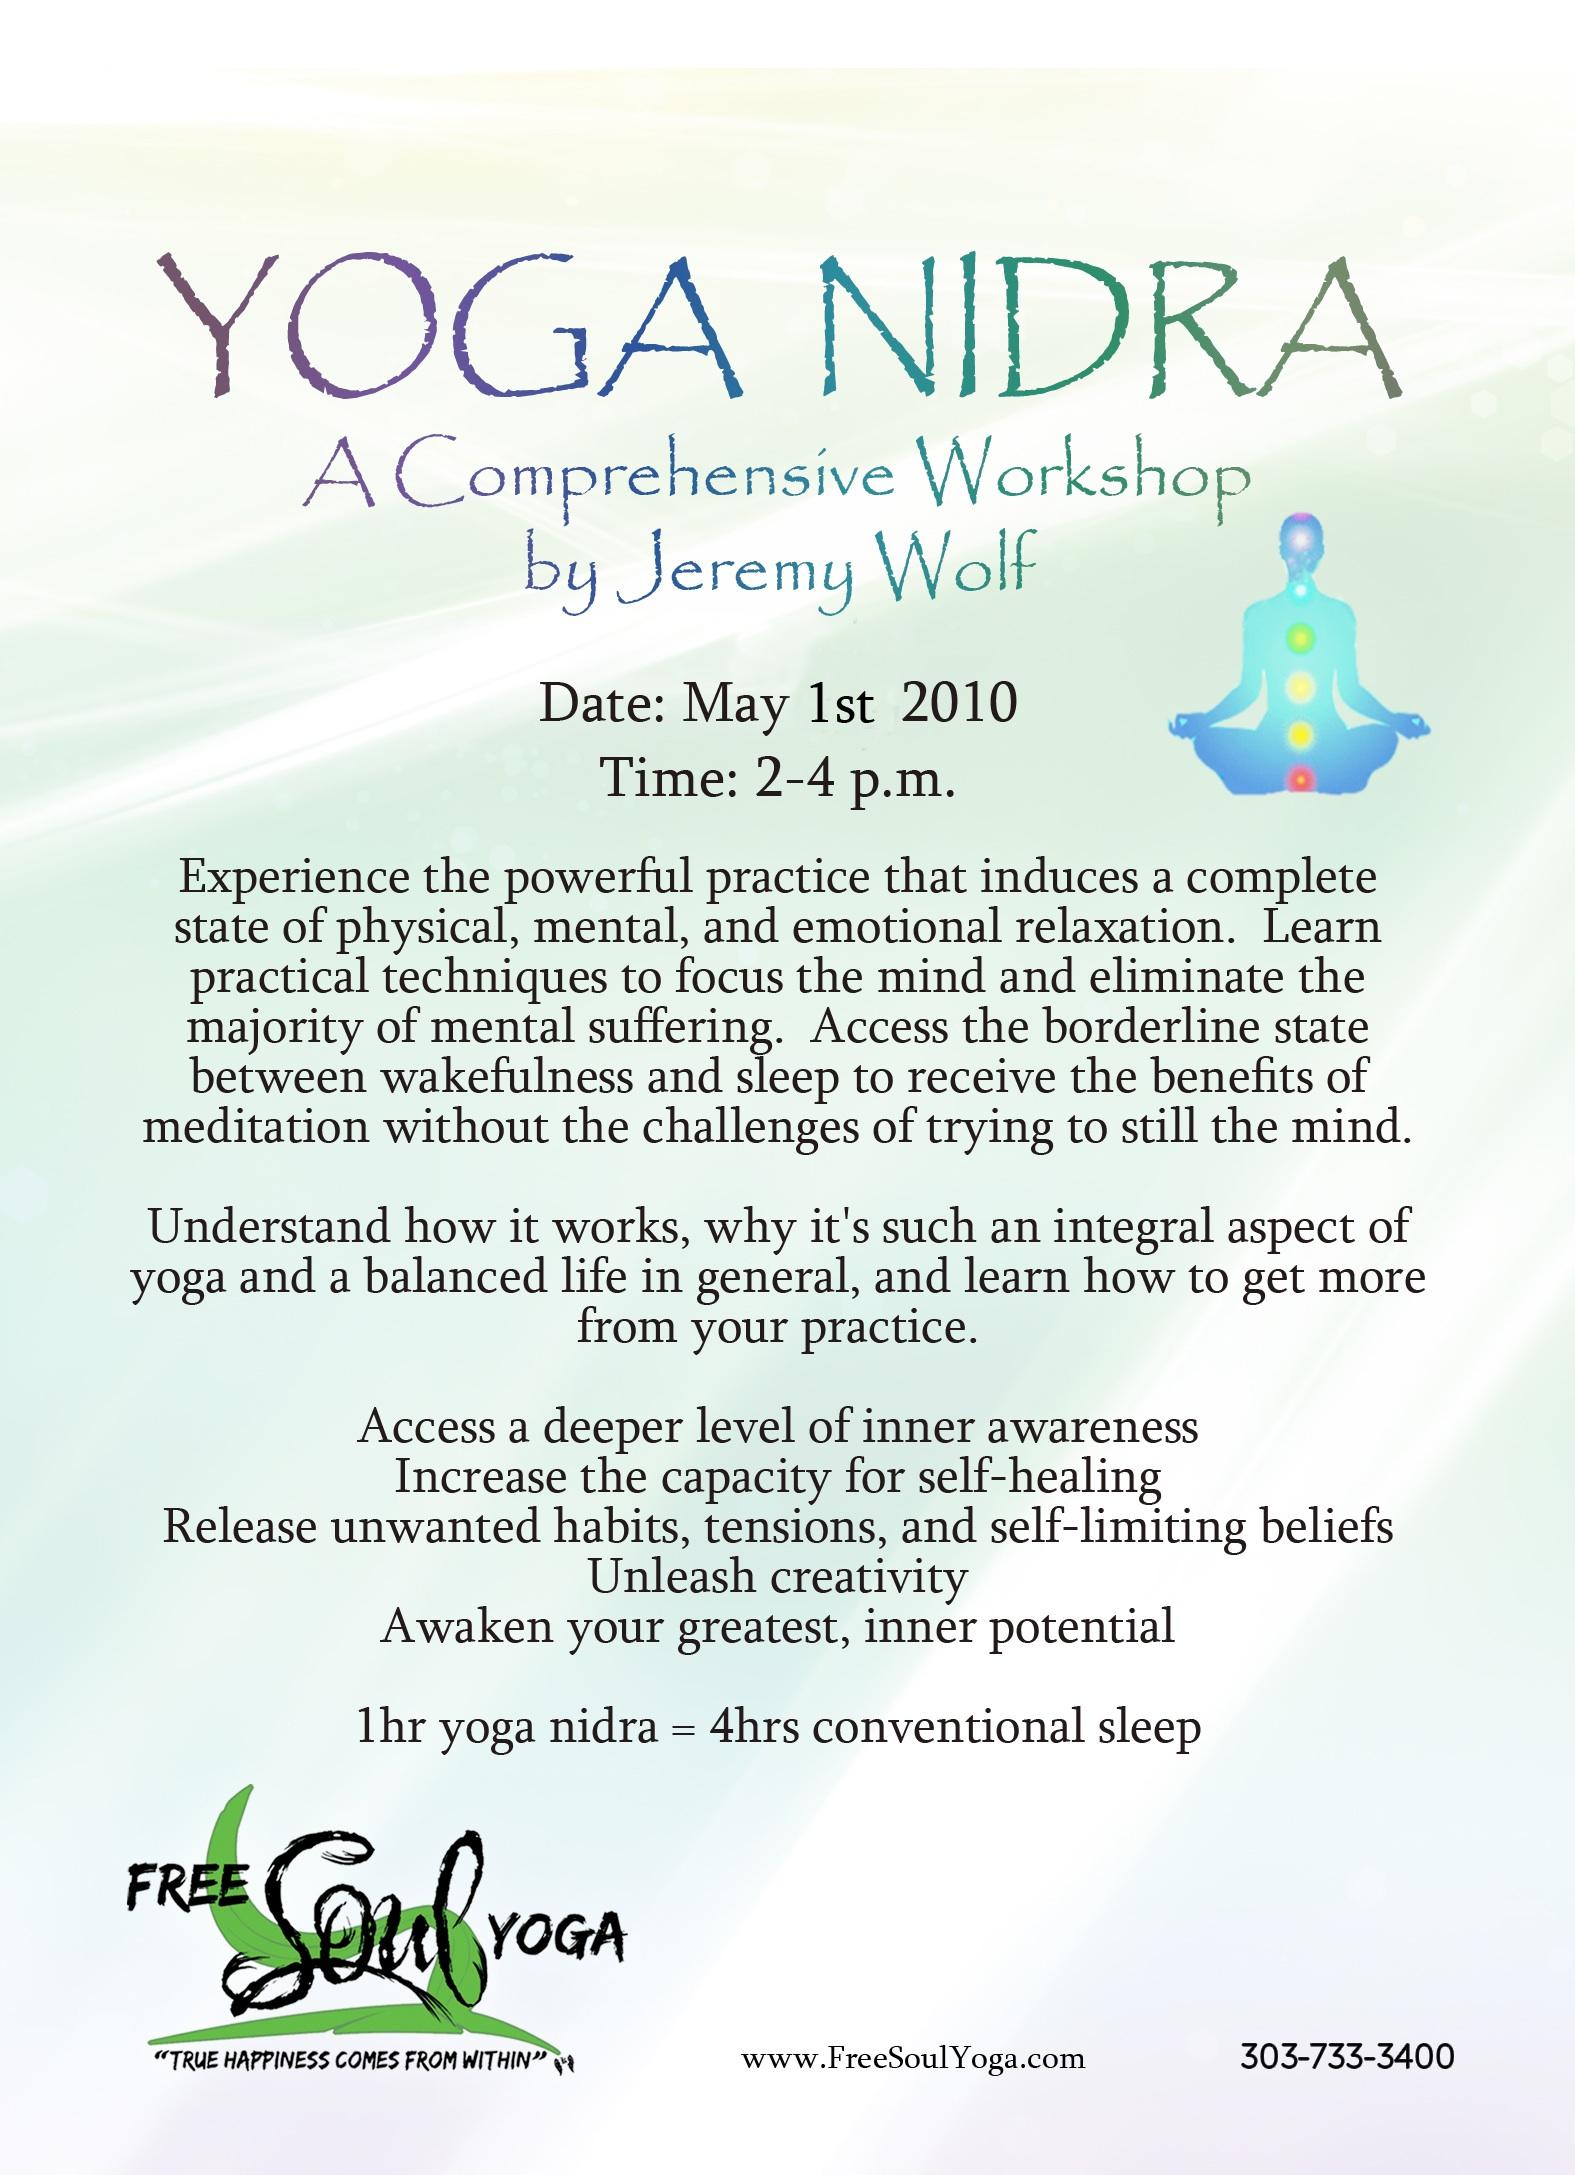 Free Soul Yoga 1947 South Broadway Denver CO 80210 303 733 3400